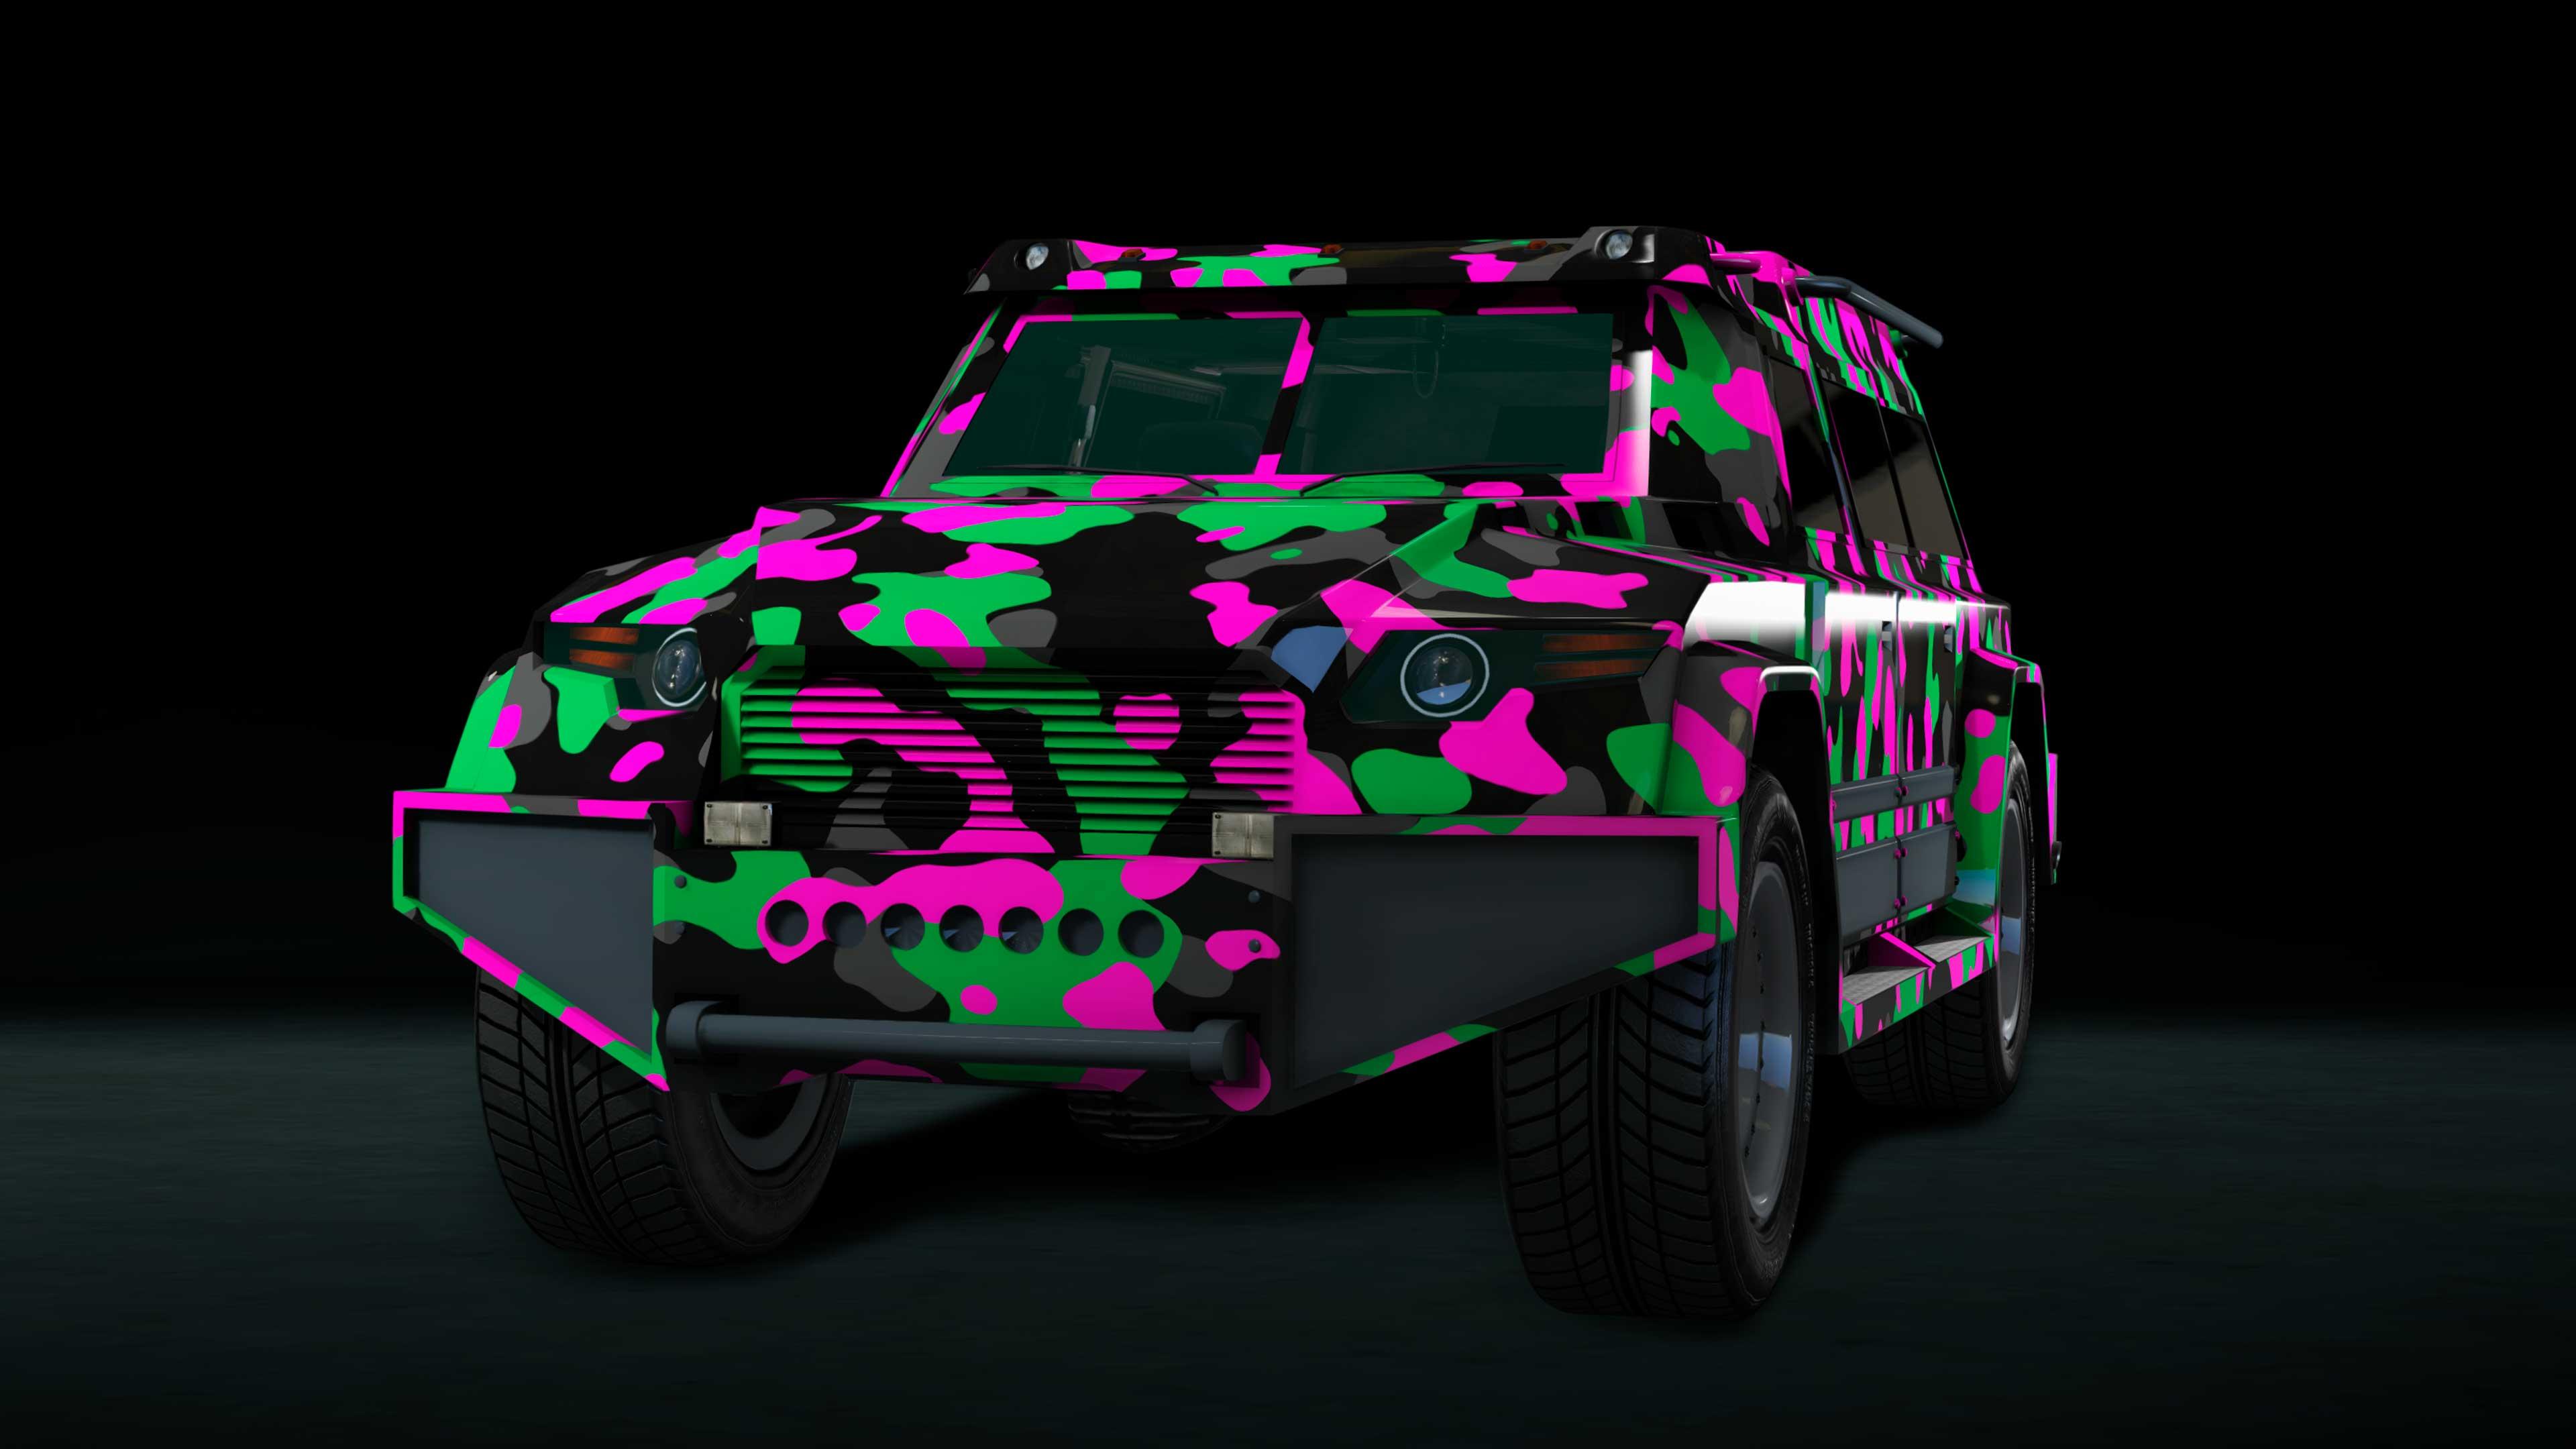 GTA Online Weekly Update: Zöld terepmintás festés (Pink and Green Camo Livery) HVY Nightshark járműhöz